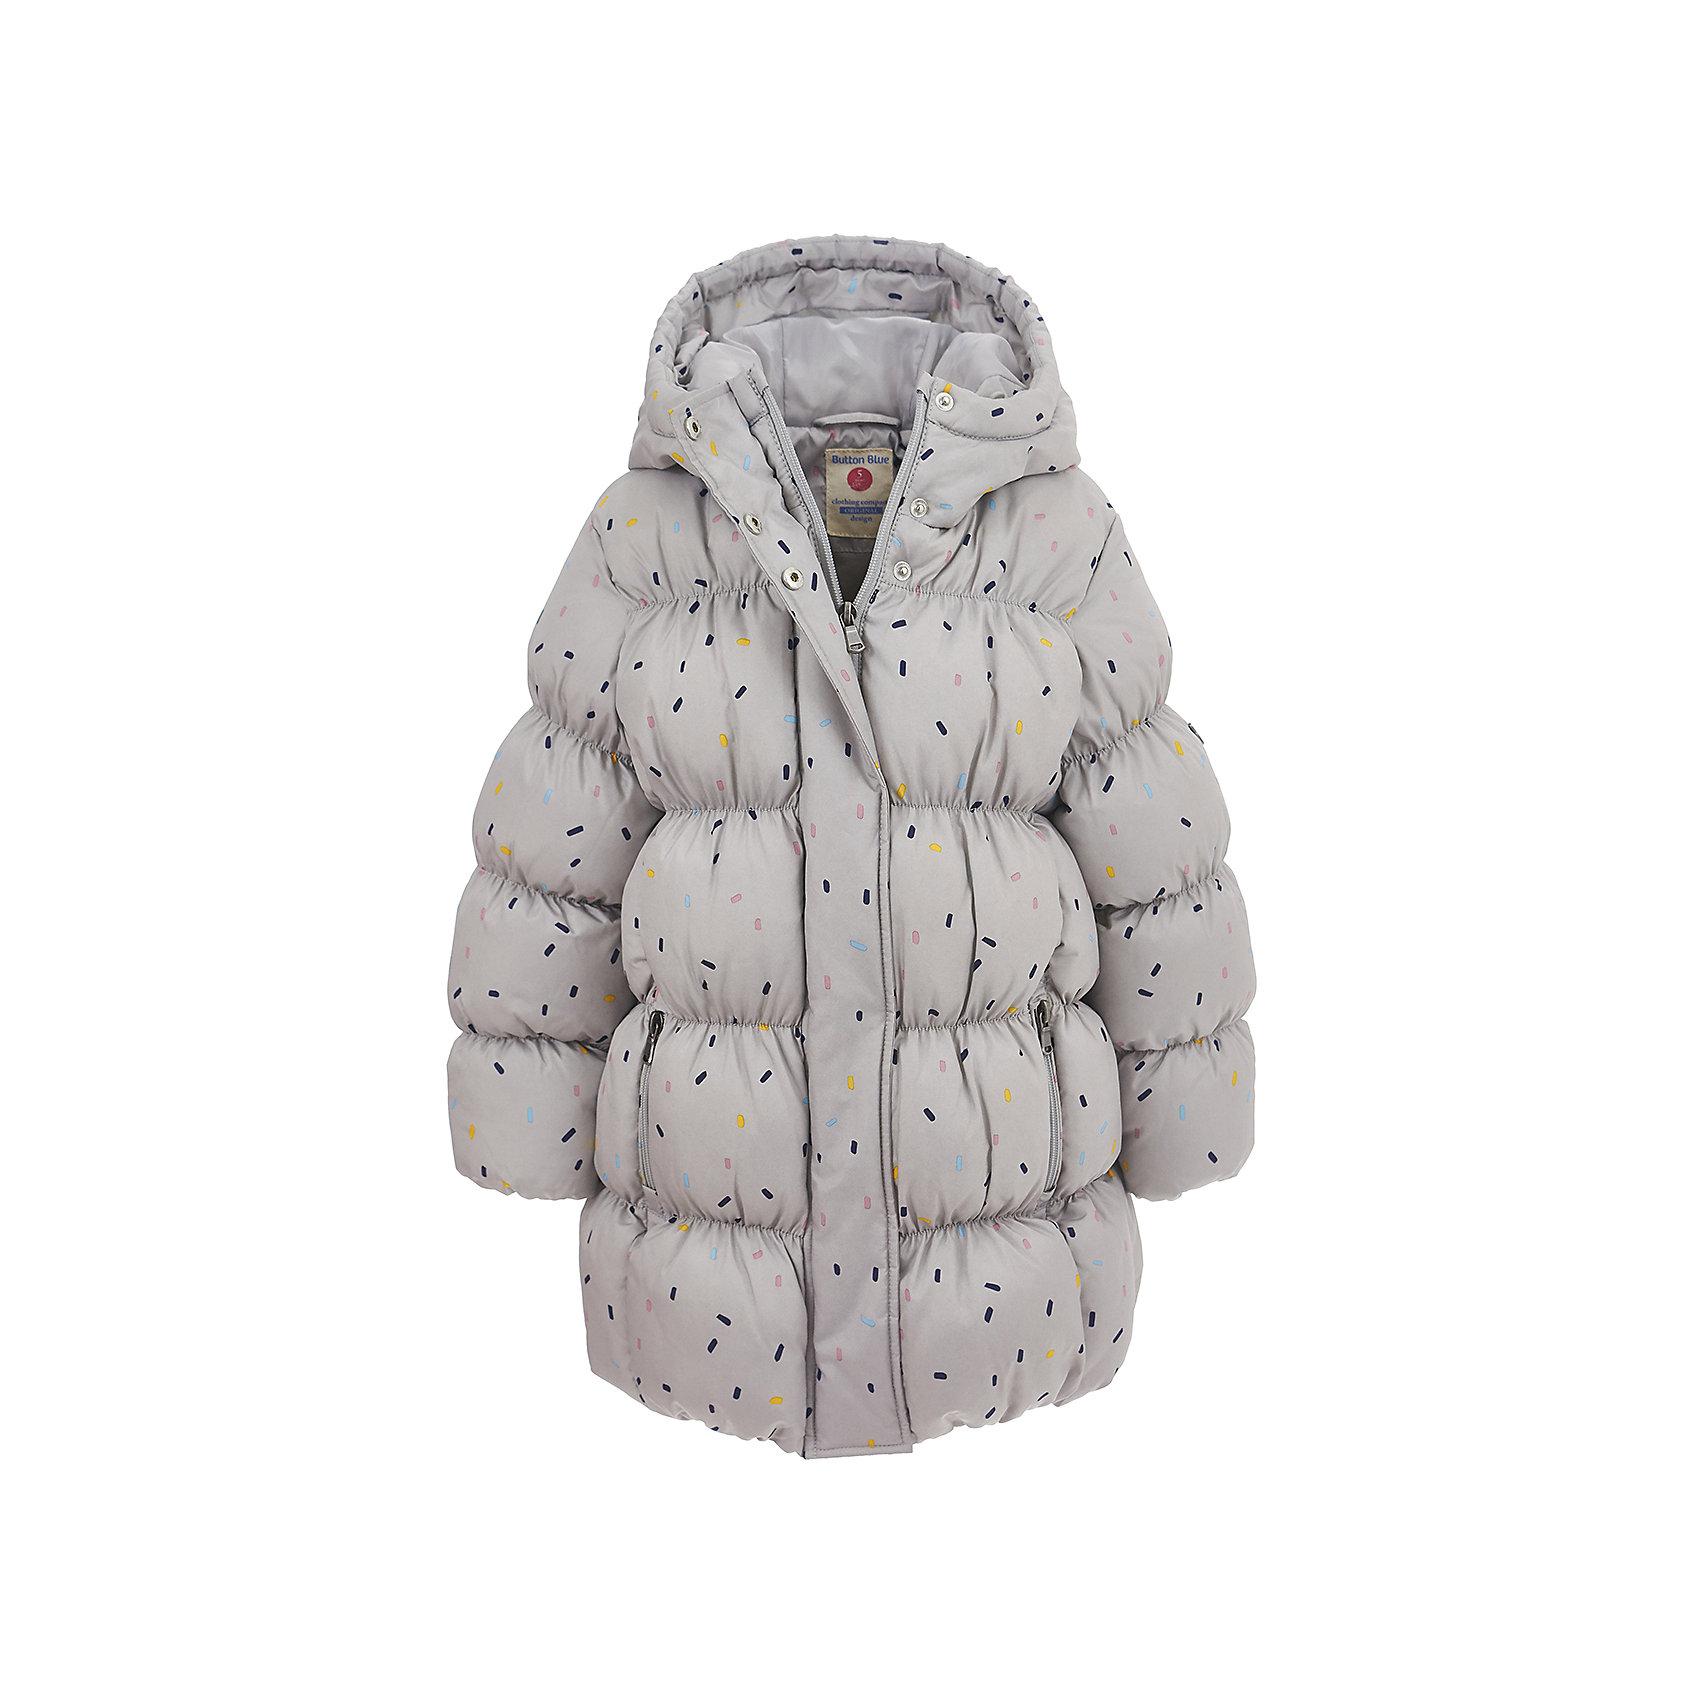 Куртка Button Blue для девочкиВерхняя одежда<br>Характеристики товара:<br><br>• цвет: серый;<br>• состав: 100% полиэстер;<br>• подкладка: 100% хлопок, 100% полиэстер;<br>• утеплитель: 100% полиэстер;<br>• сезон: демисезон;<br>• температурный режим: от +7 до -10С;<br>• застежка: молния по всей длине;<br>• защита подбородка от защемления;<br>• капюшон не отстегивается;<br>• эластичные манжеты рукавов;<br>• два кармана на молнии;<br>• дополнительная планка на кнопках;<br>• страна бренда: Россия;<br>• страна изготовитель: Китай.<br><br>Демисезонная куртка с капюшоном для девочки. Куртка застегивается на молнию с защитой подбородка от защемления. Сверху молнии дополнительная защитная планка на кнопках. Эластичные манжеты, два кармана на молнии. Куртка в мелкий рисунок.<br><br>Куртку Button Blue (Баттон Блю) можно купить в нашем интернет-магазине.<br><br>Ширина мм: 356<br>Глубина мм: 10<br>Высота мм: 245<br>Вес г: 519<br>Цвет: серый<br>Возраст от месяцев: 132<br>Возраст до месяцев: 144<br>Пол: Женский<br>Возраст: Детский<br>Размер: 152,158,98,104,110,116,122,128,134,140,146<br>SKU: 7037885